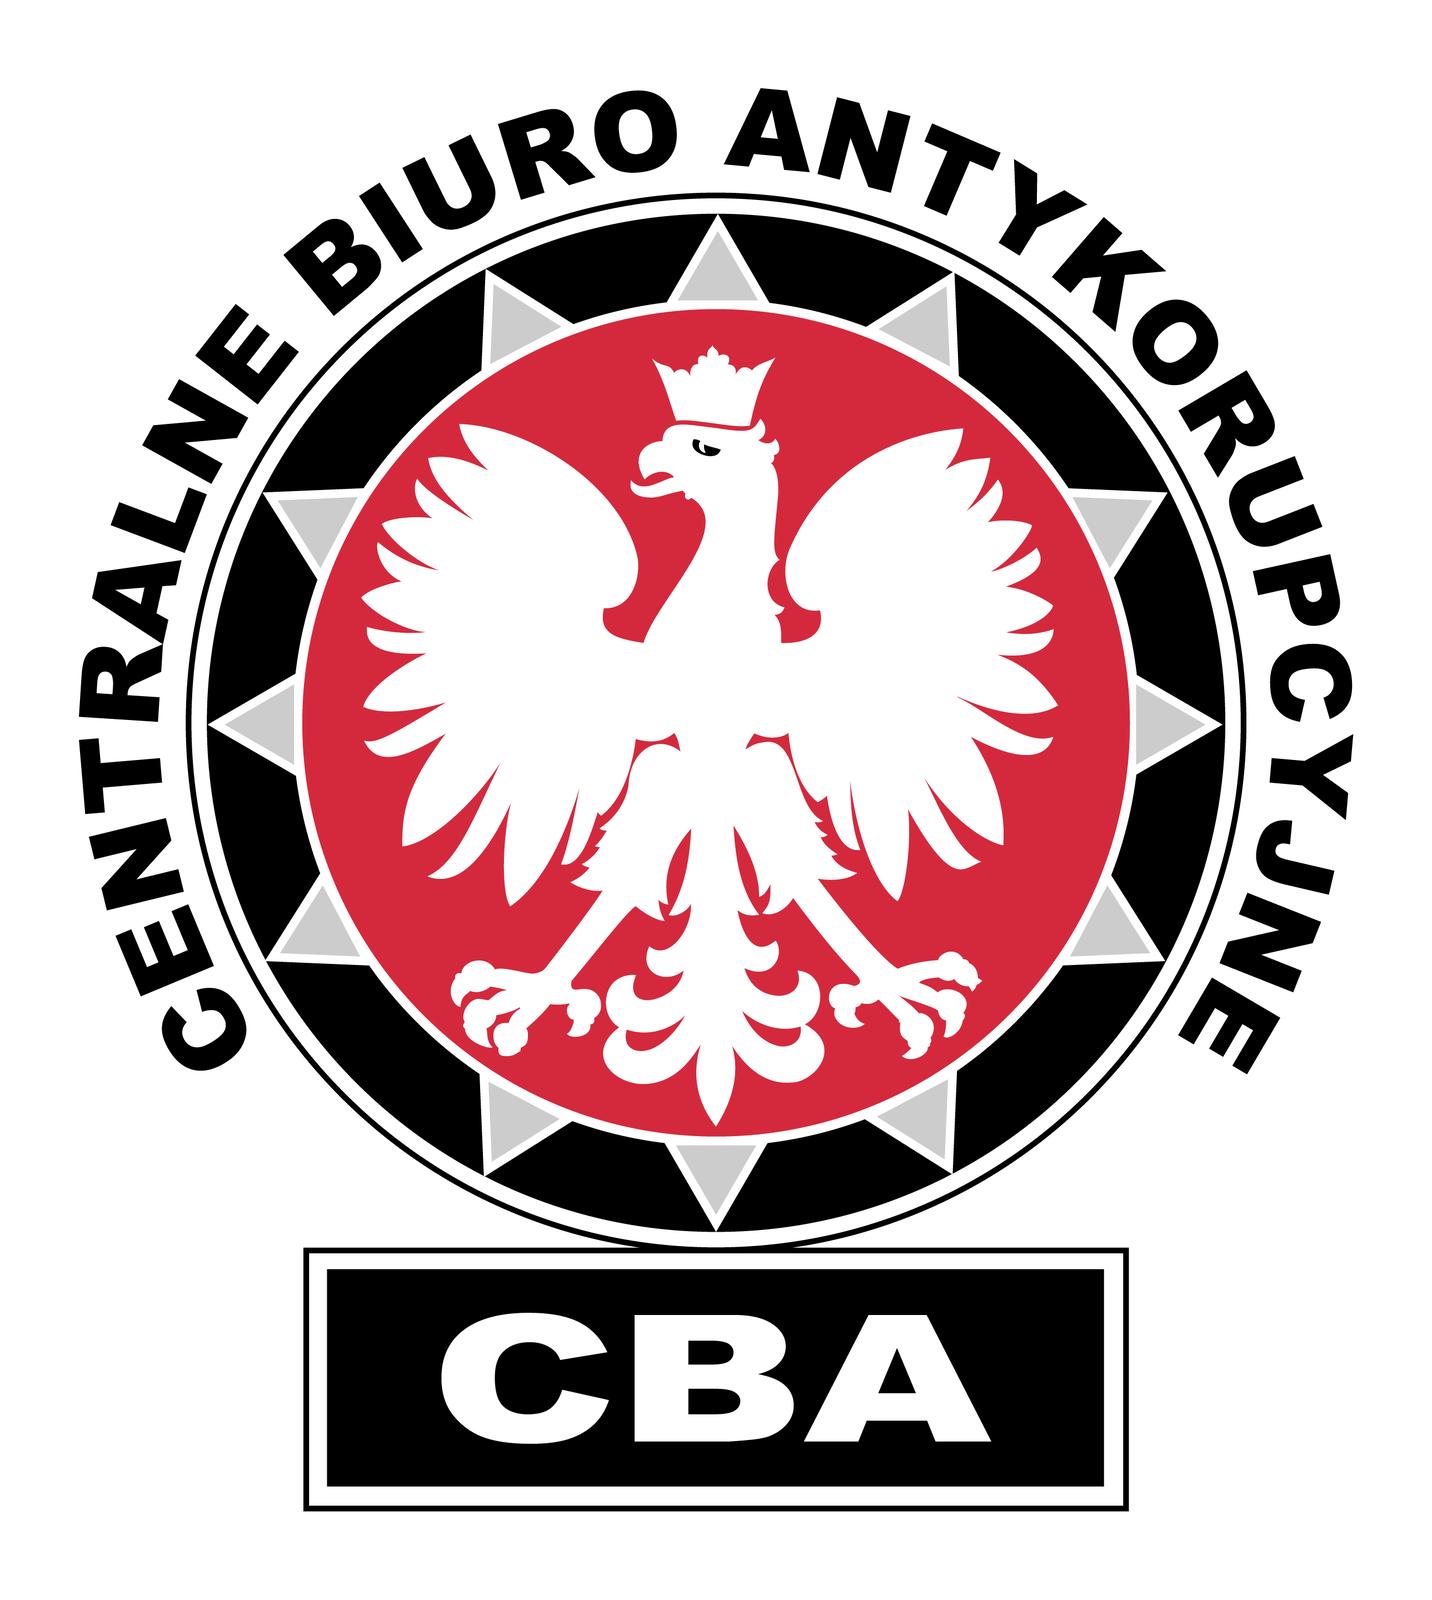 Ilustracja przedstawia okrągłe logo CBA. Koło zczarną ramką. Wnętrze koła czerwone. Na tle czerwonego koła biały orzeł zkoroną na głowie. Głowa skierowana wlewo. Wokół czerwonego koła trójkątne srebrne wypustki. Wokół czarnej obwódki koła czarny napis: Centralne Biuro Antykorupcyjne. Poniżej koła czarny poziomy prostokąt. Na powierzchni prostokąta trzy białe litery: CBA.